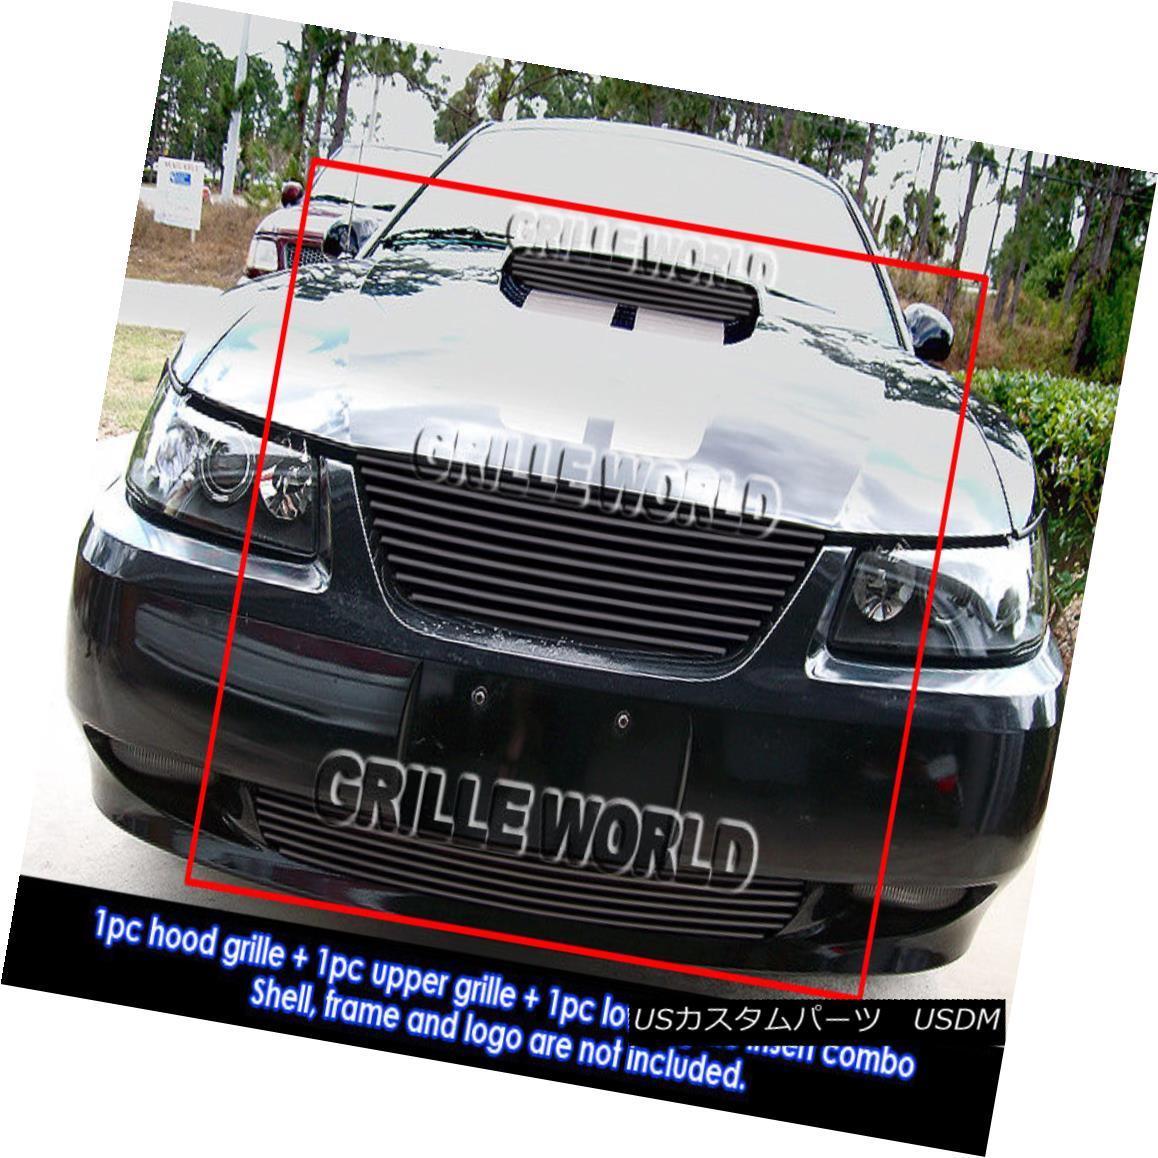 グリル For 1999-2004 Ford Mustang GT V8 Black Billet Grille Grill Combo Insert 1999-2004フォードマスタングGT V8ブラックビレットグリルグリルコンボインサート用